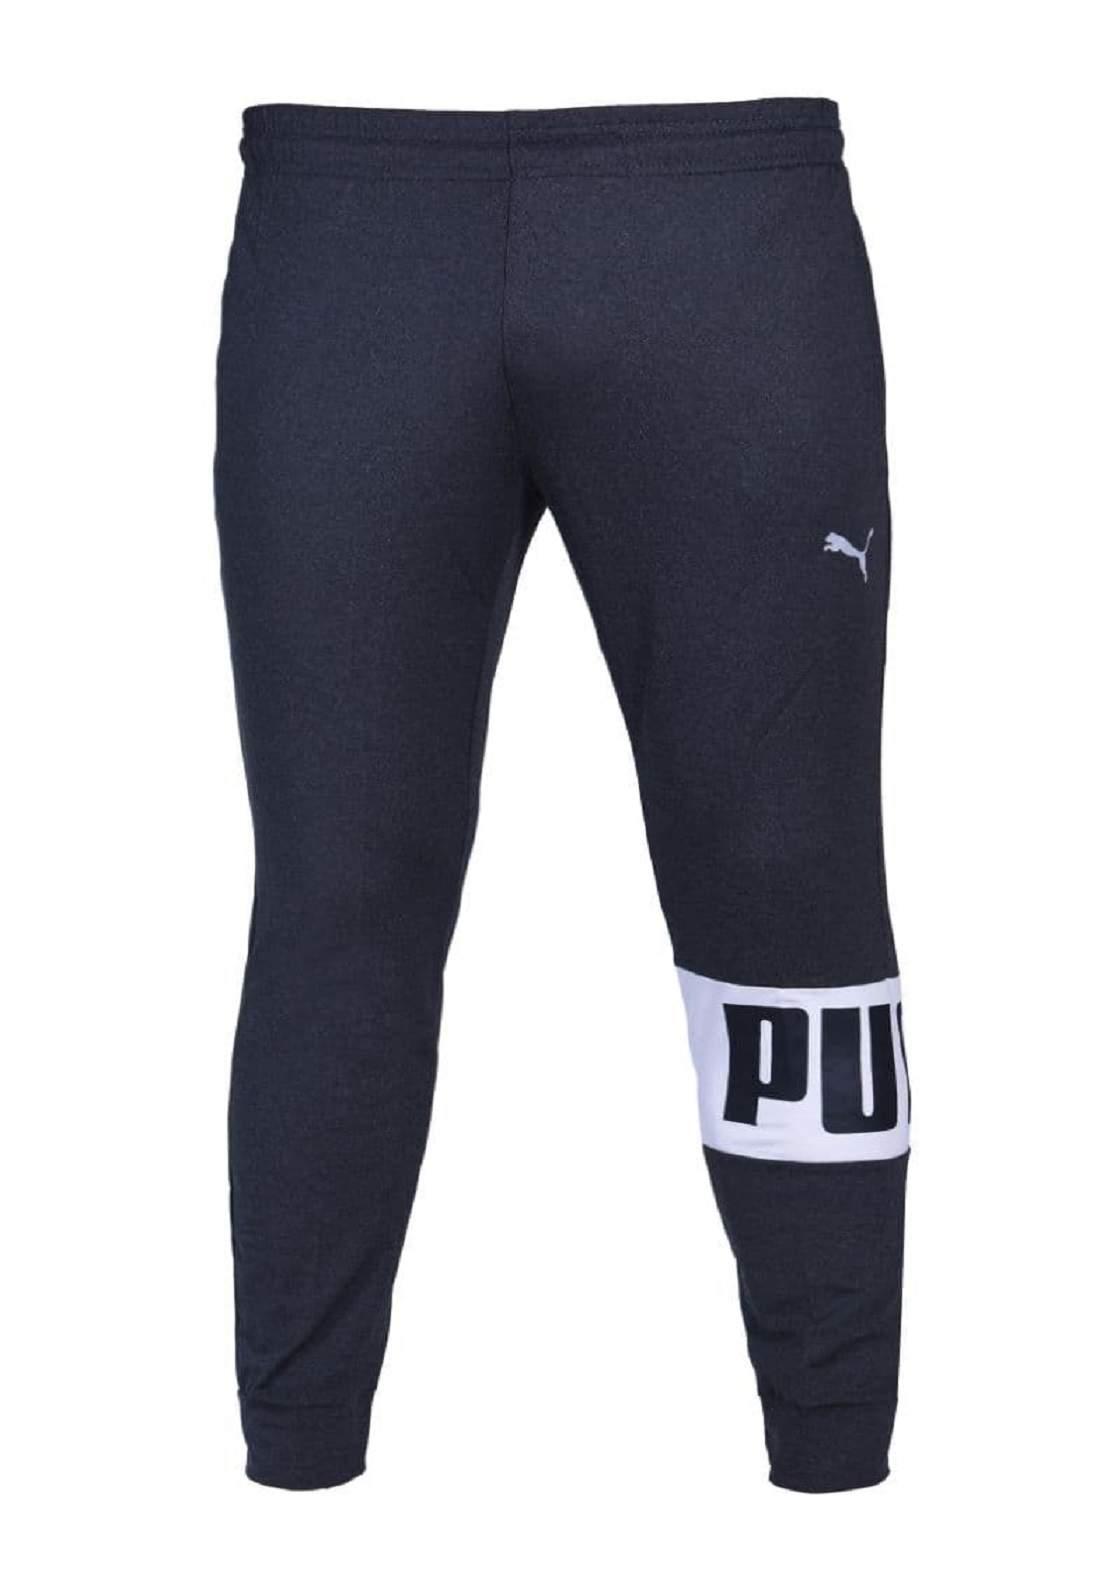 بنطلون بجامة رياضي رجالي نيلي اللون من Puma